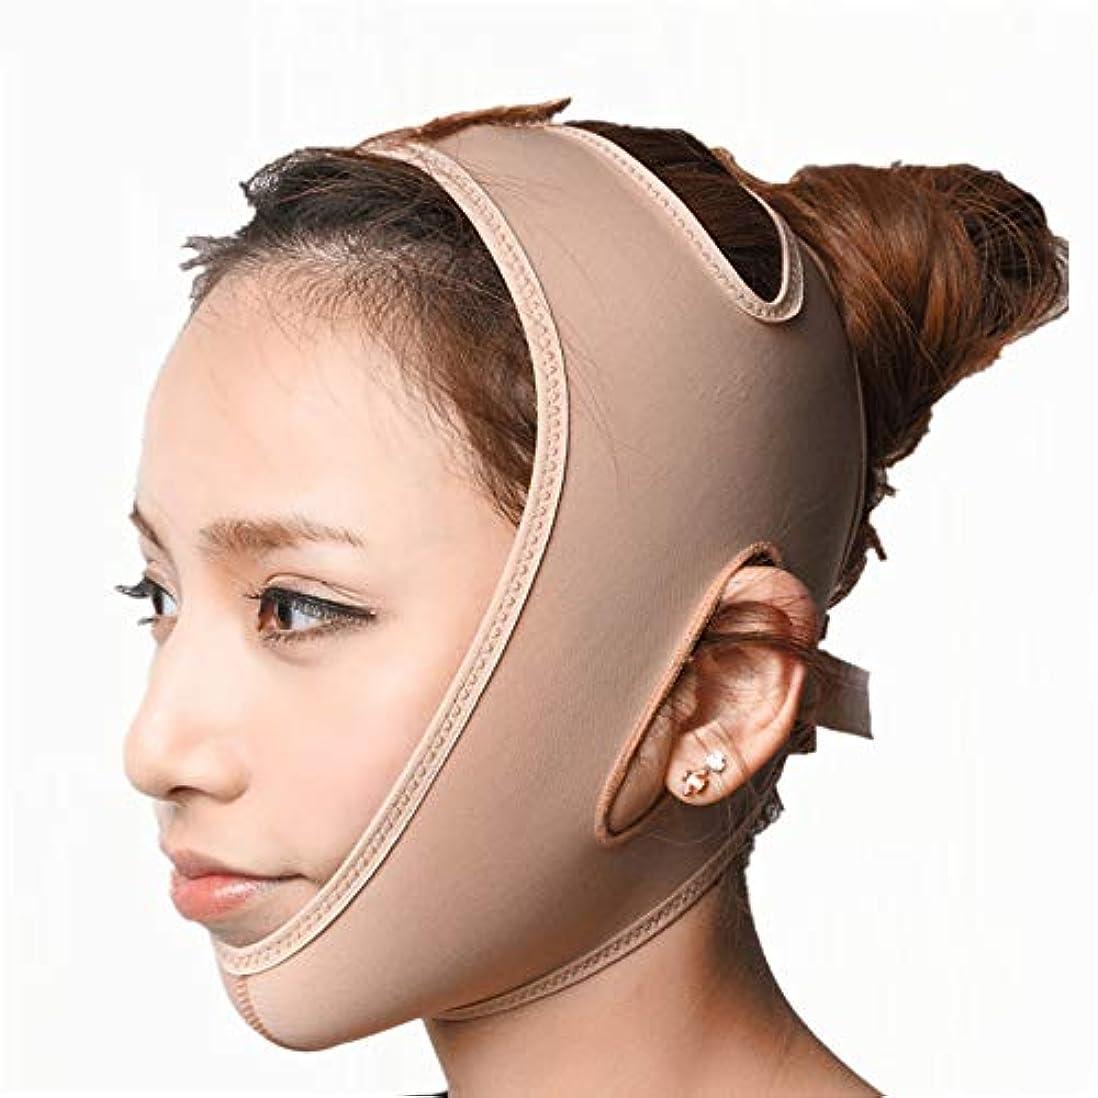 口径擁する排気GYZ 顔の持ち上がる痩身ベルト - アンチエイジングリンクルフェイスマスクベルトシンフェイス包帯整形マスクは顔と首を締めますフェイススリム Thin Face Belt (Size : XL)